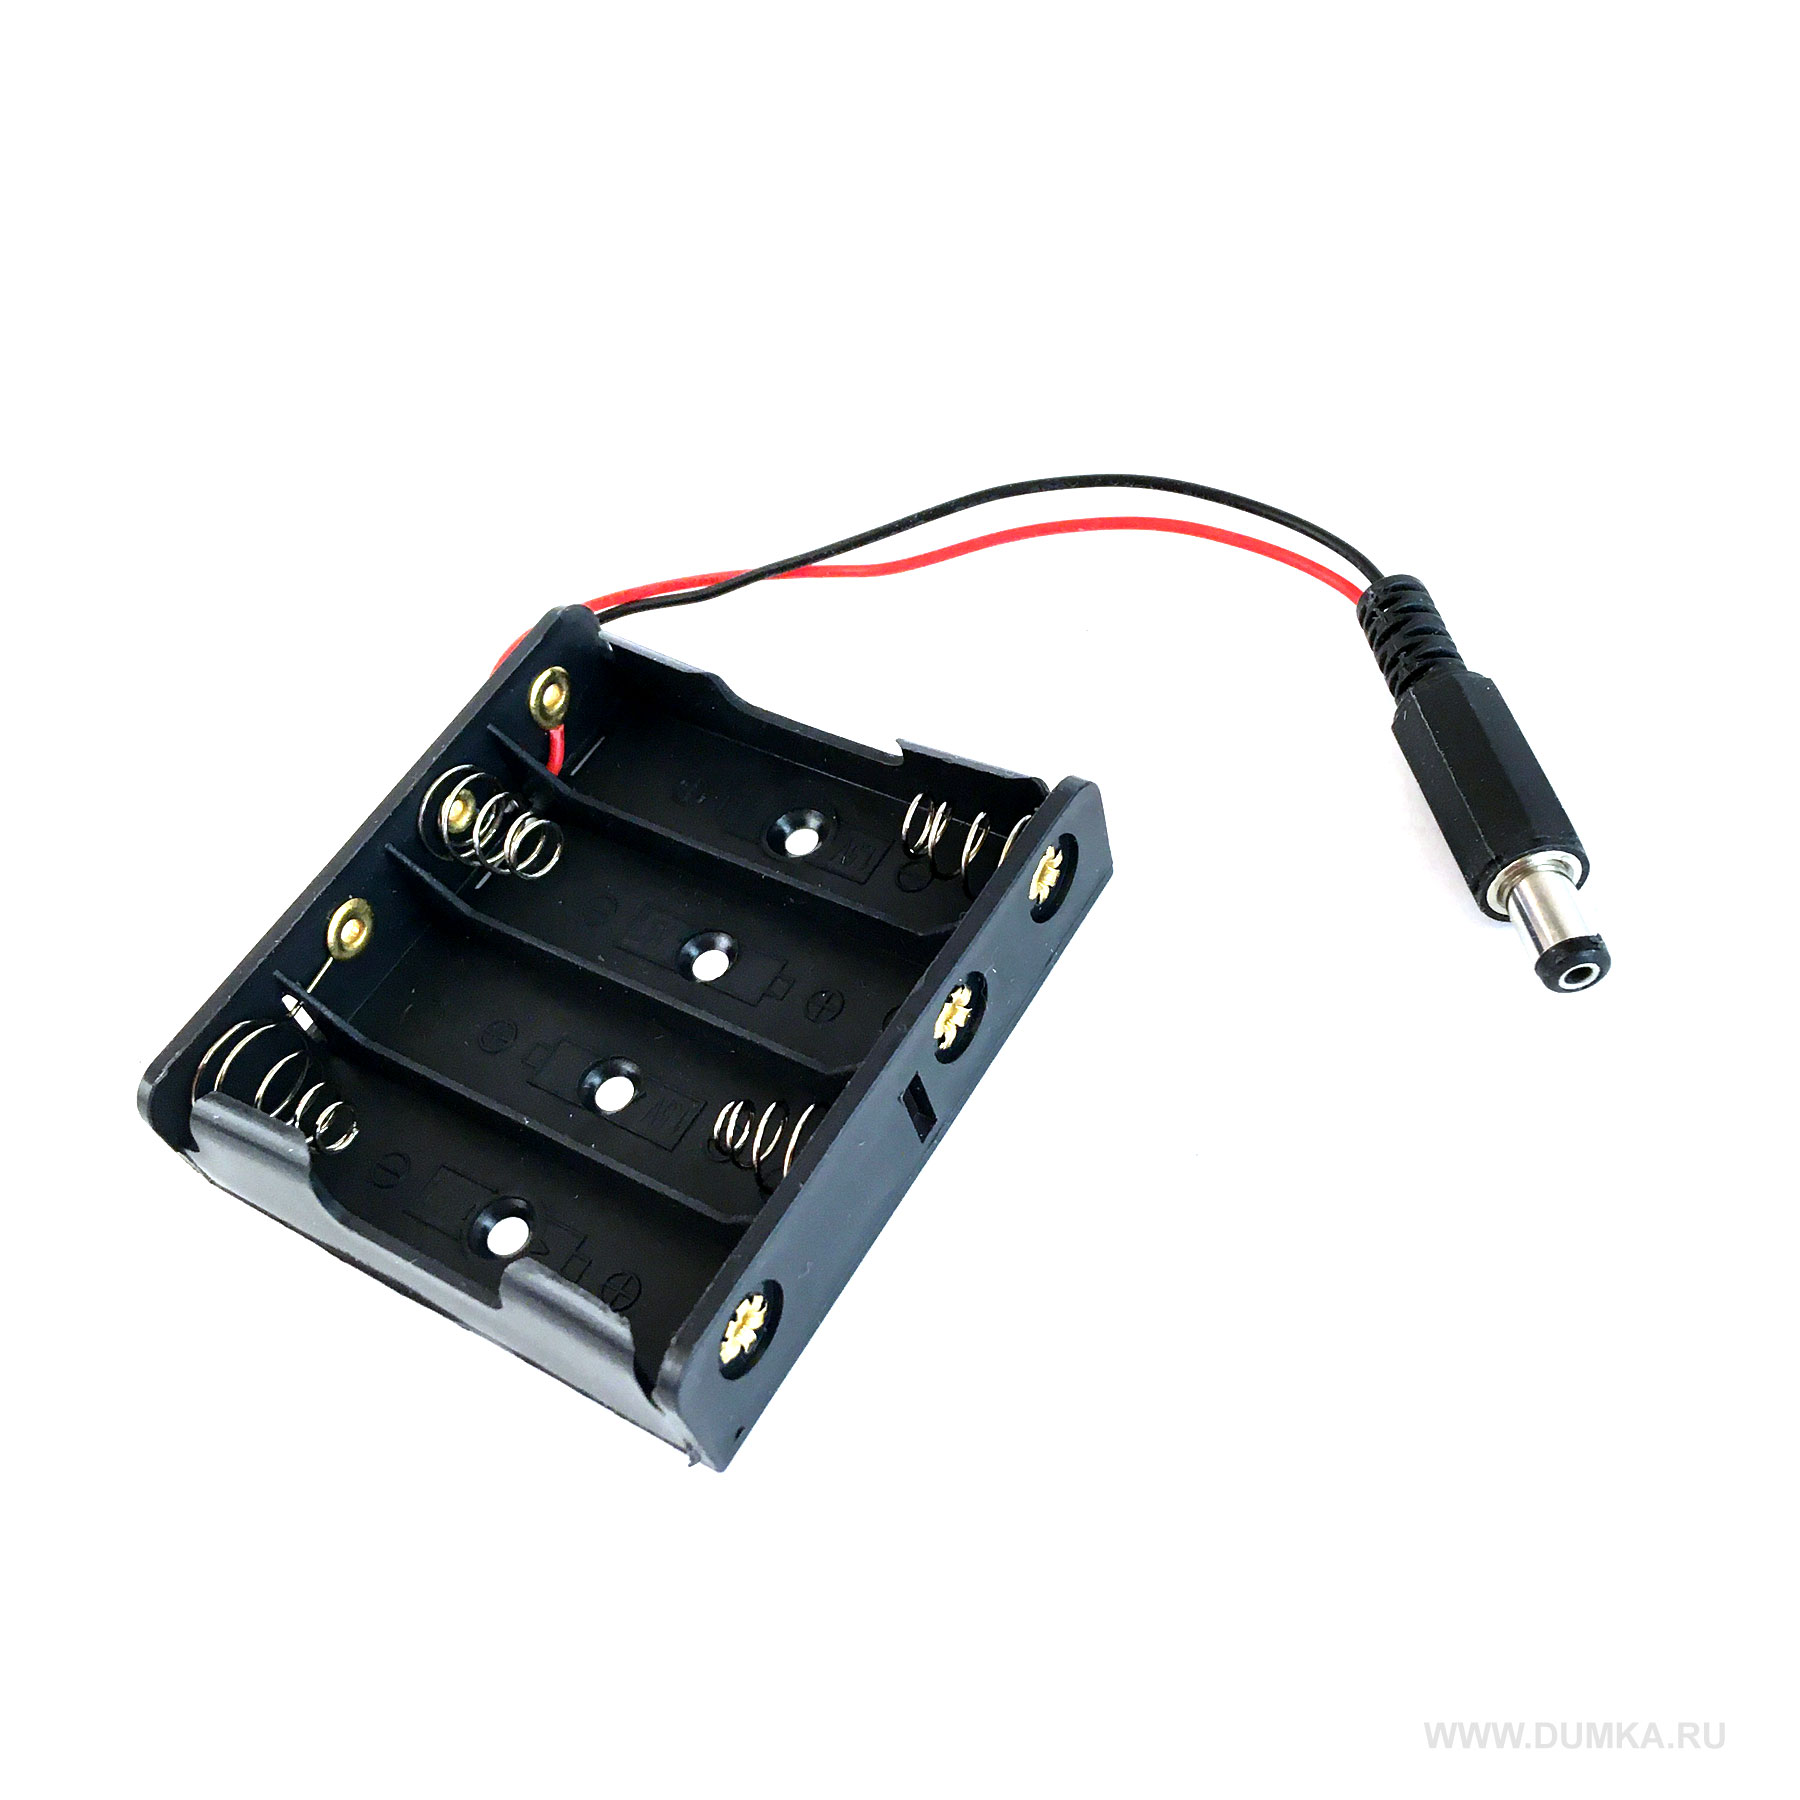 nabor-po-elektronike-umnyi-dom-na-baze-arduino-foto-tdx-978-5-9775-6608-7-09.jpg